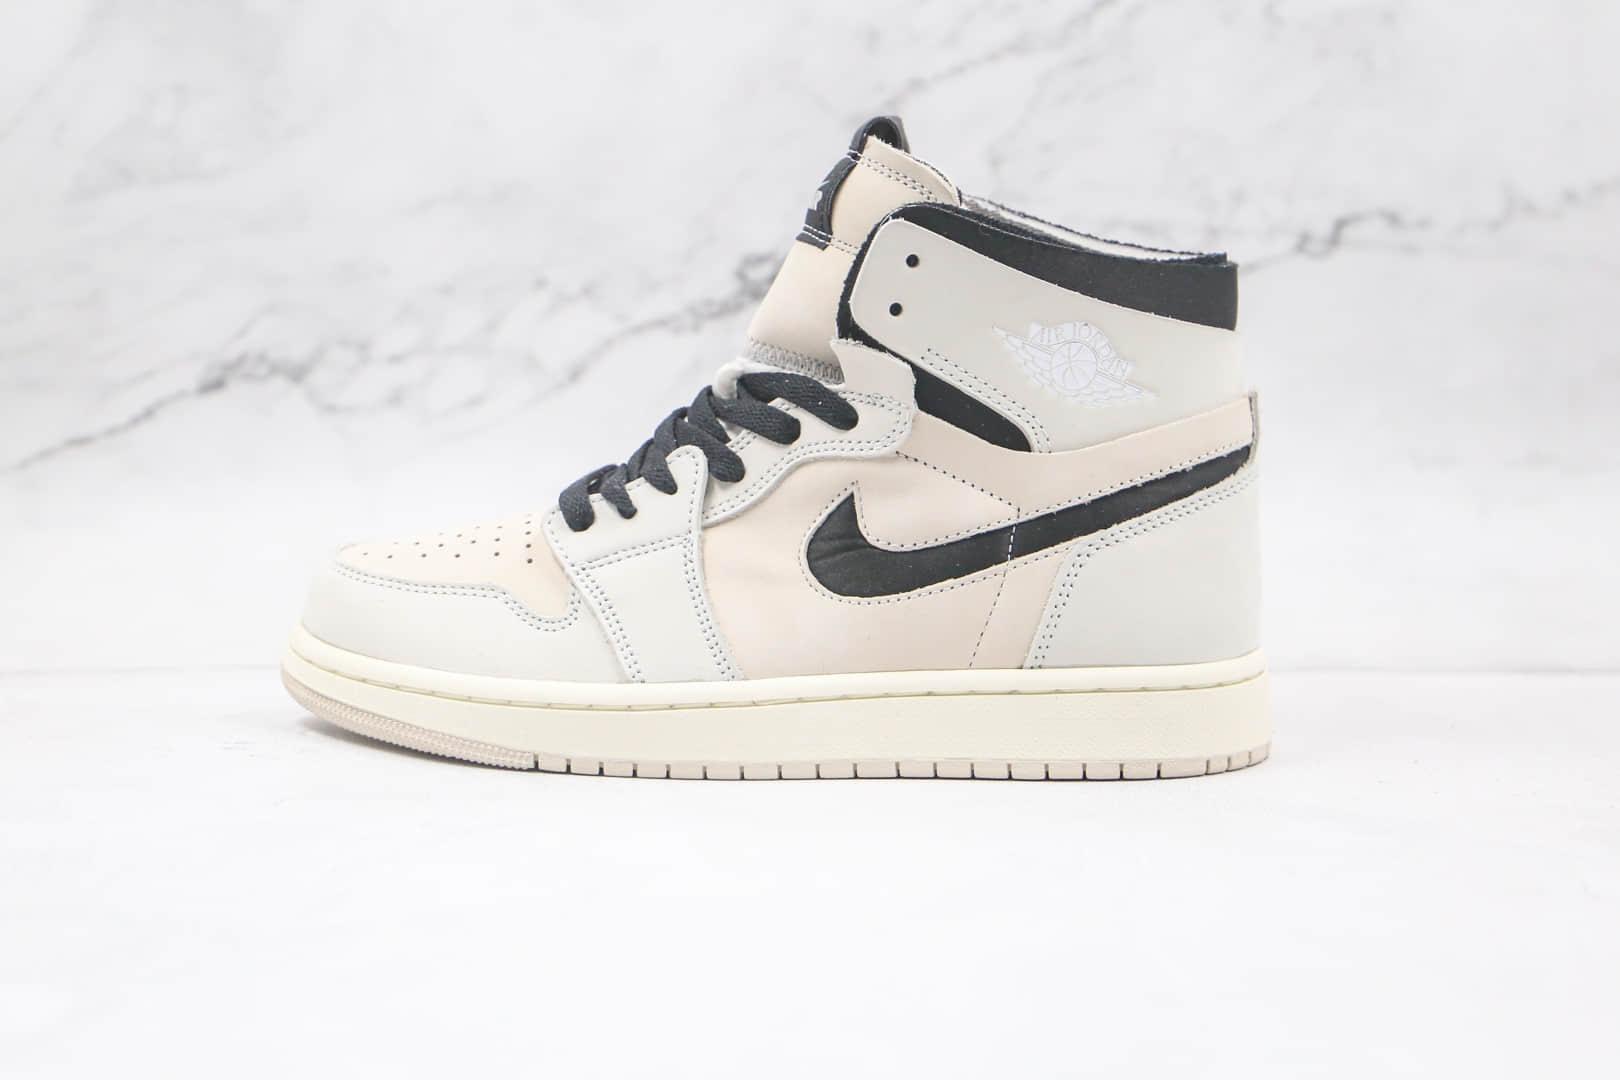 纯原版本乔丹高帮AJ1 zoom珍珠奶茶米白色板鞋出货